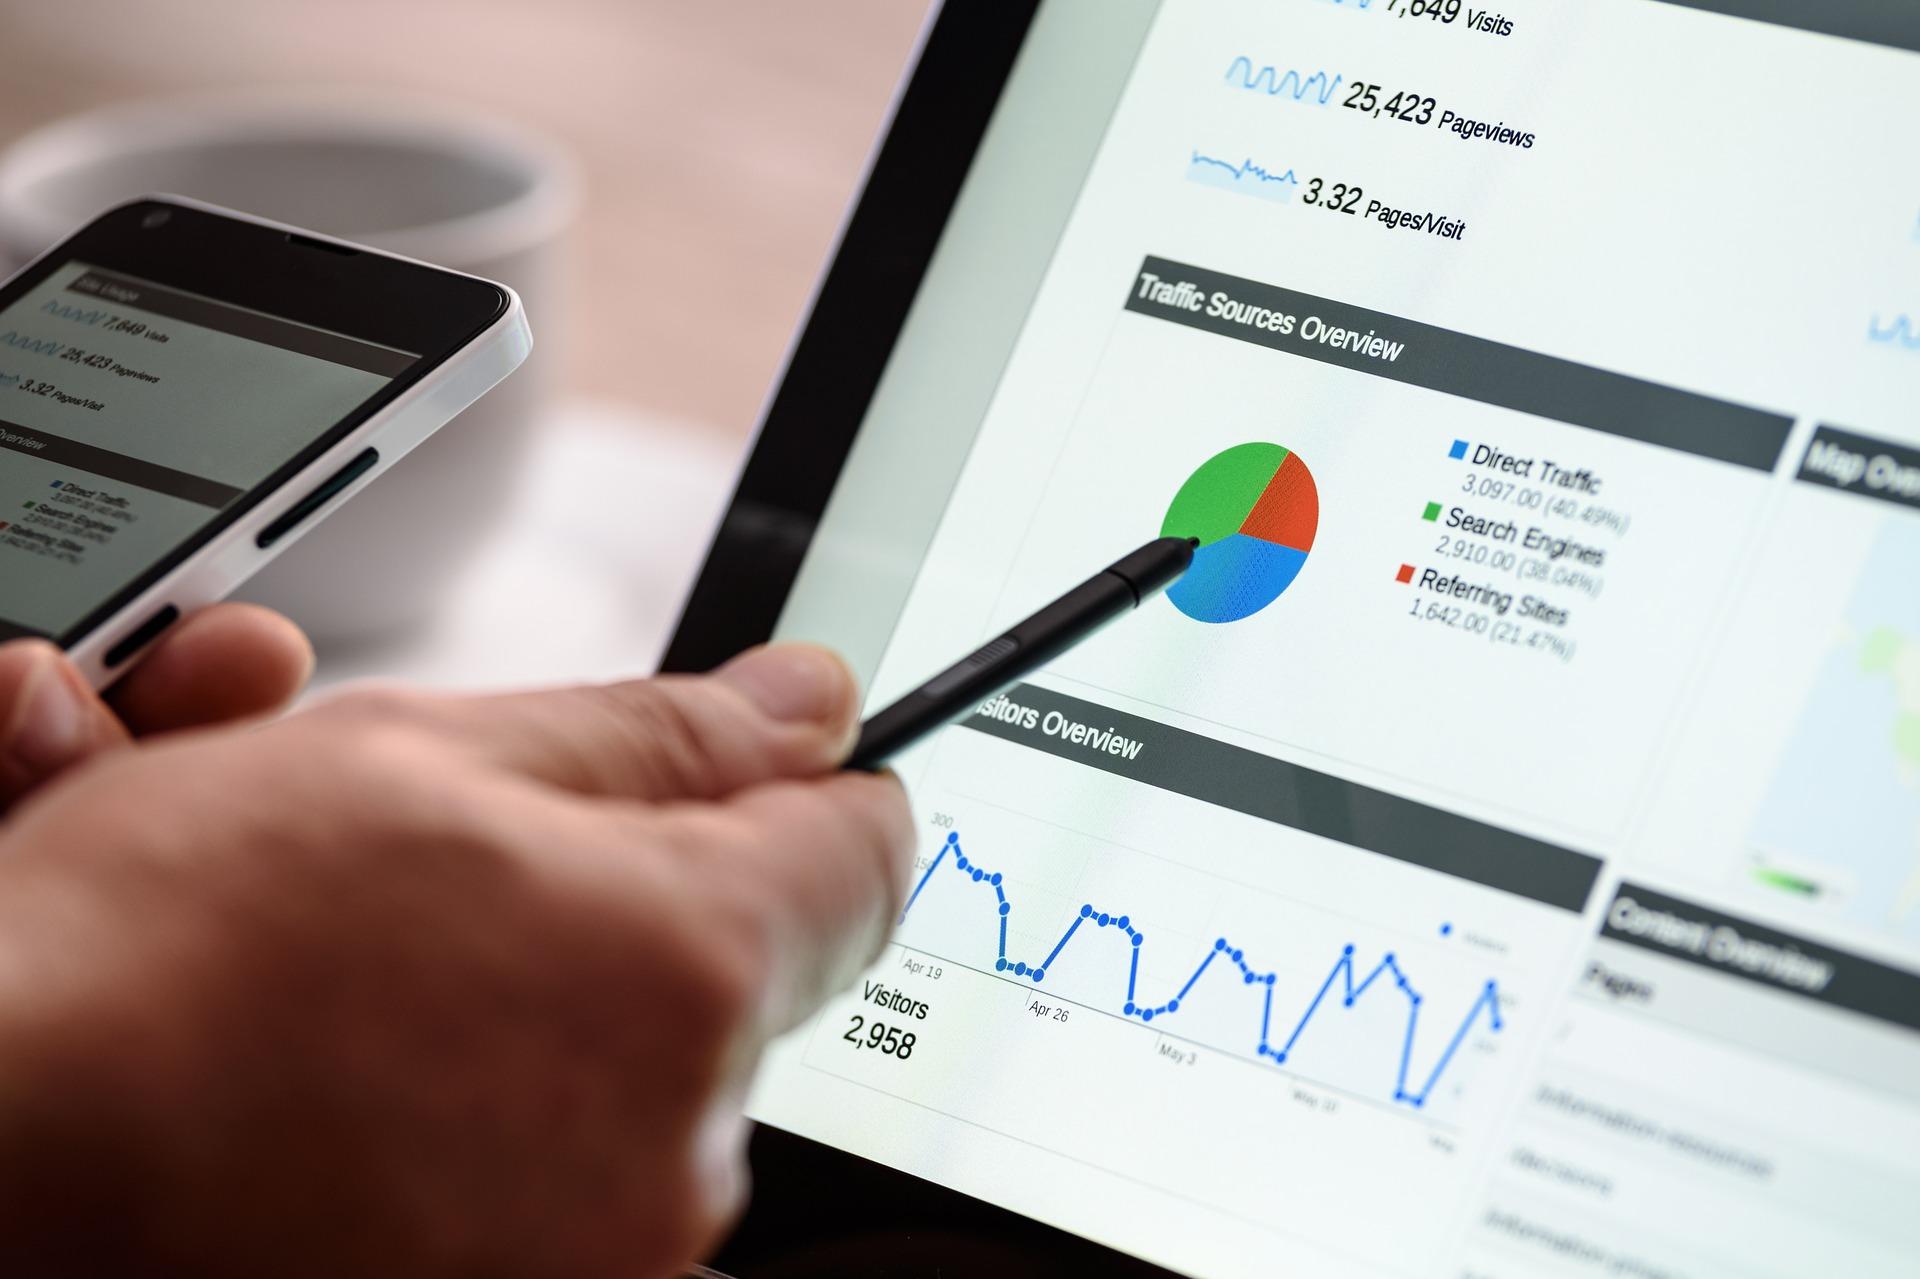 Bei der Social Media bzw. Online Strategie sollten klare KPIs (Key Performance Indicators) festgelegt und gemessen werden - Dr. Stefan Immes